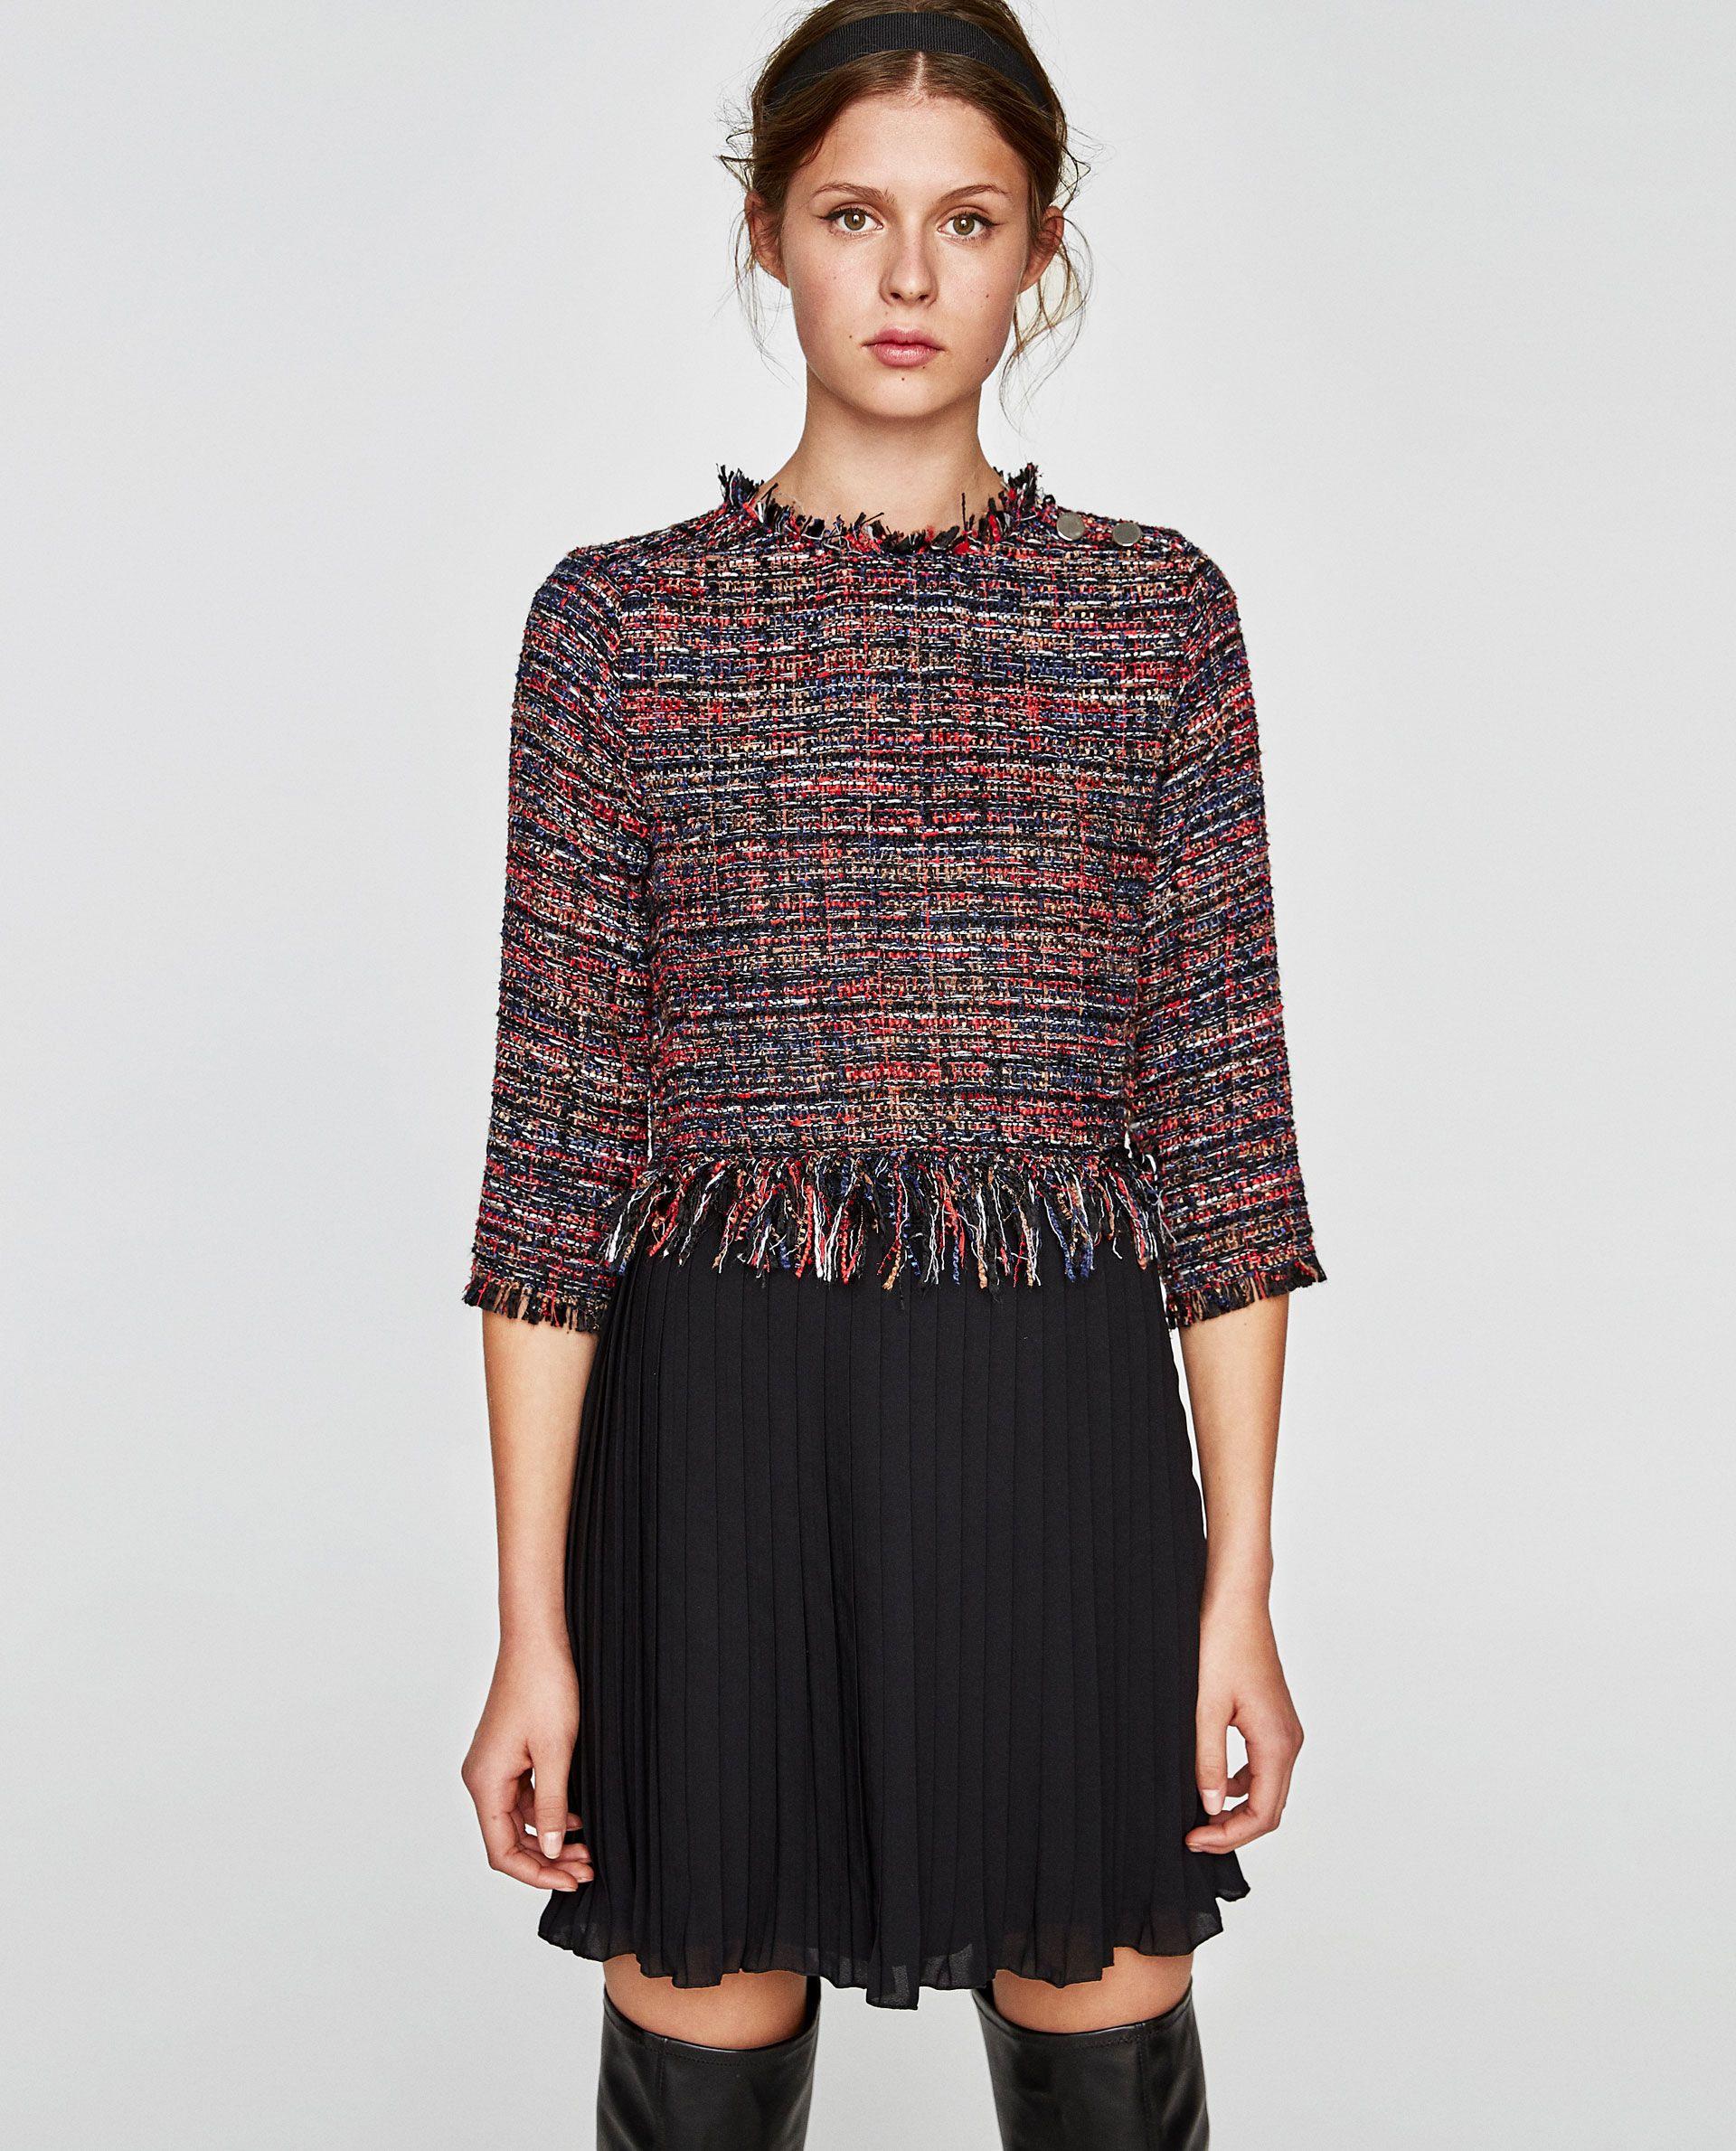 Bild 2 Von Tweedkleid Mit Plisséesaum Von Zara  Kleider